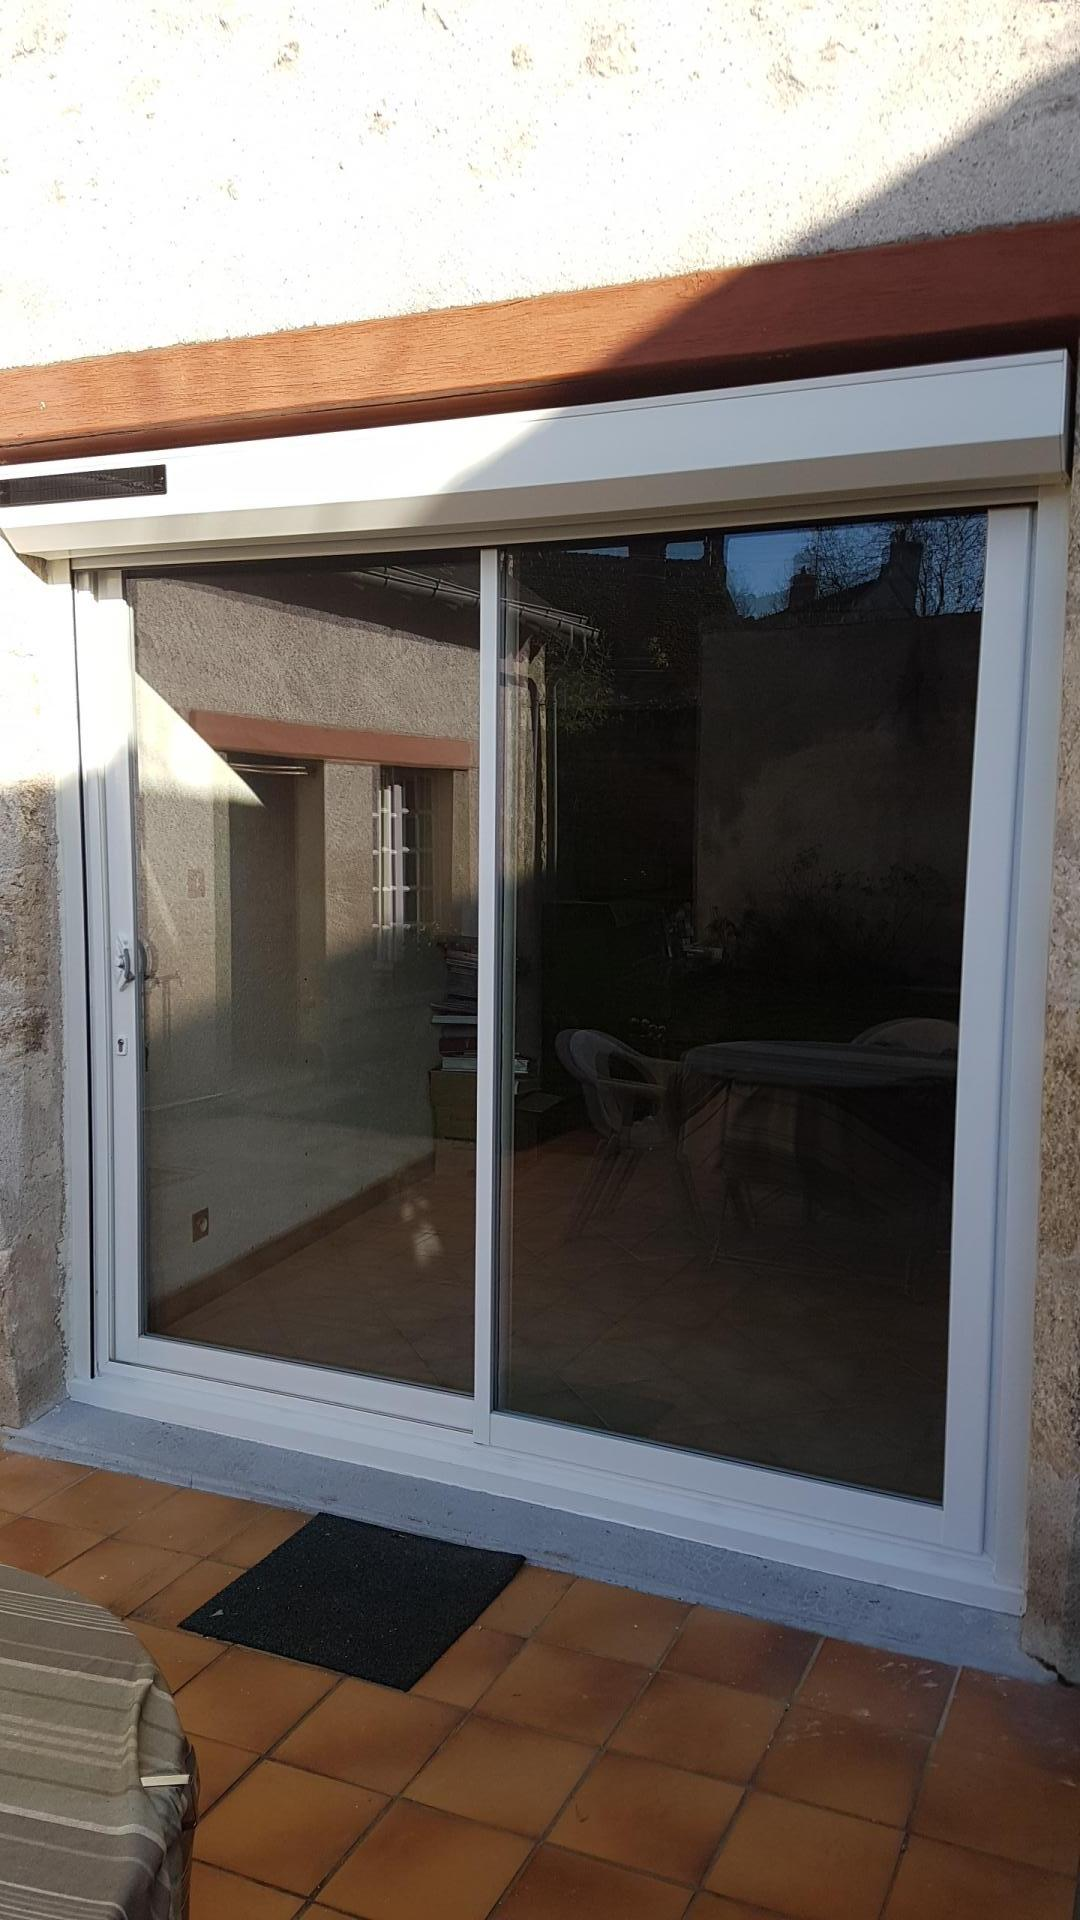 baie vitrée Aluminium Blanc 2 vtx avec Volet roulant solaire